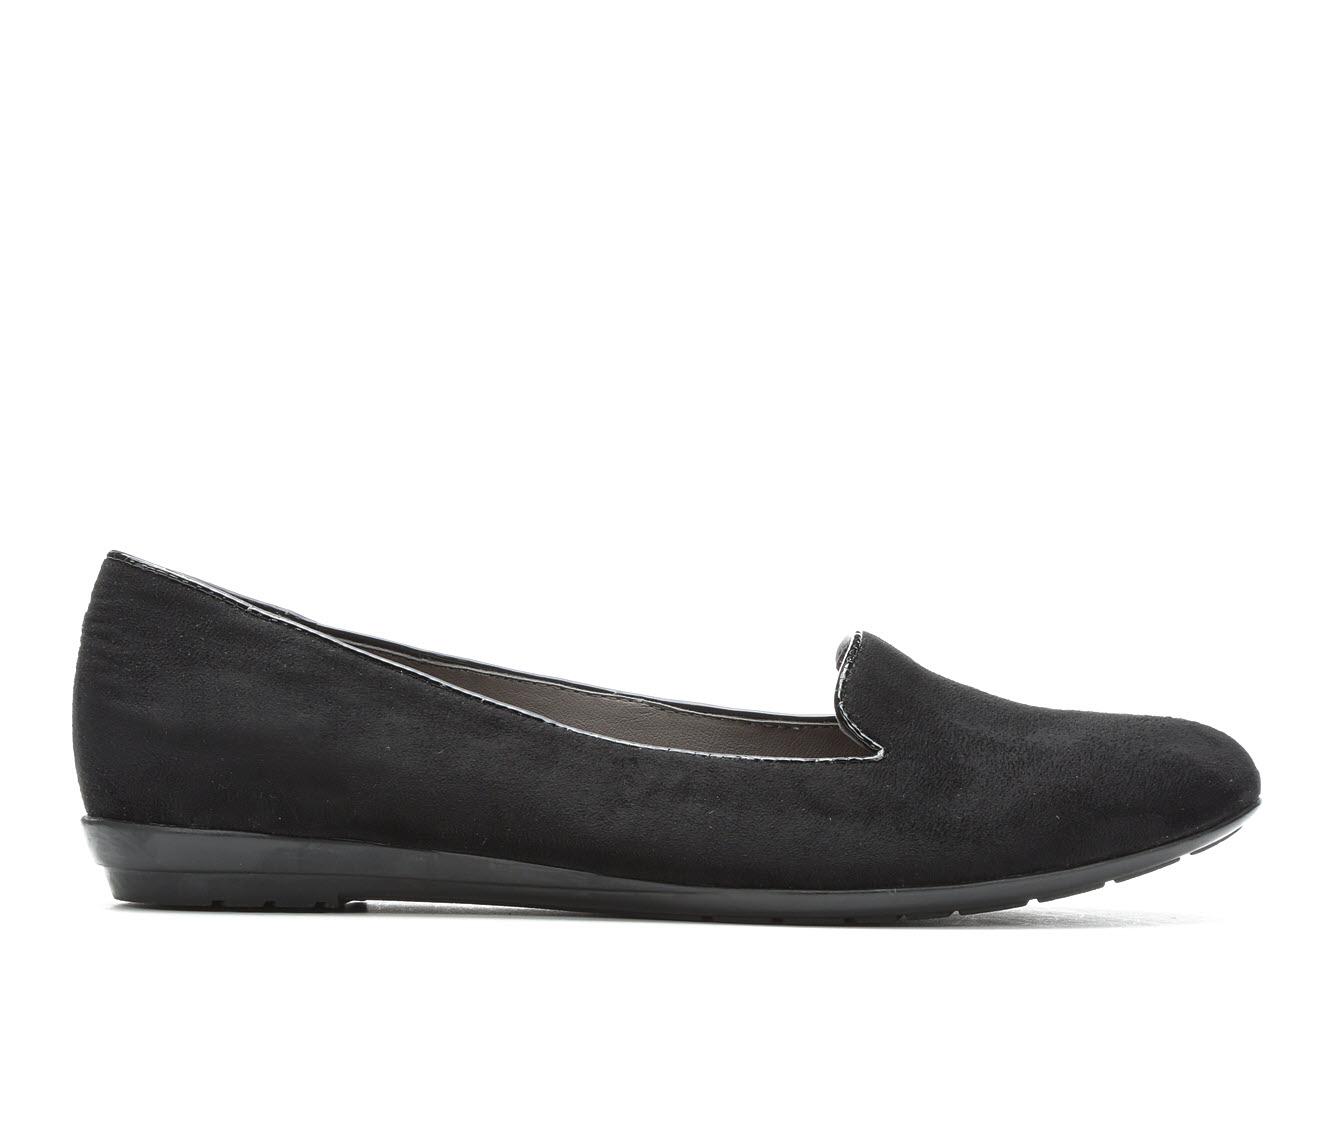 EuroSoft Bernia Women's Shoe (Black Suede)